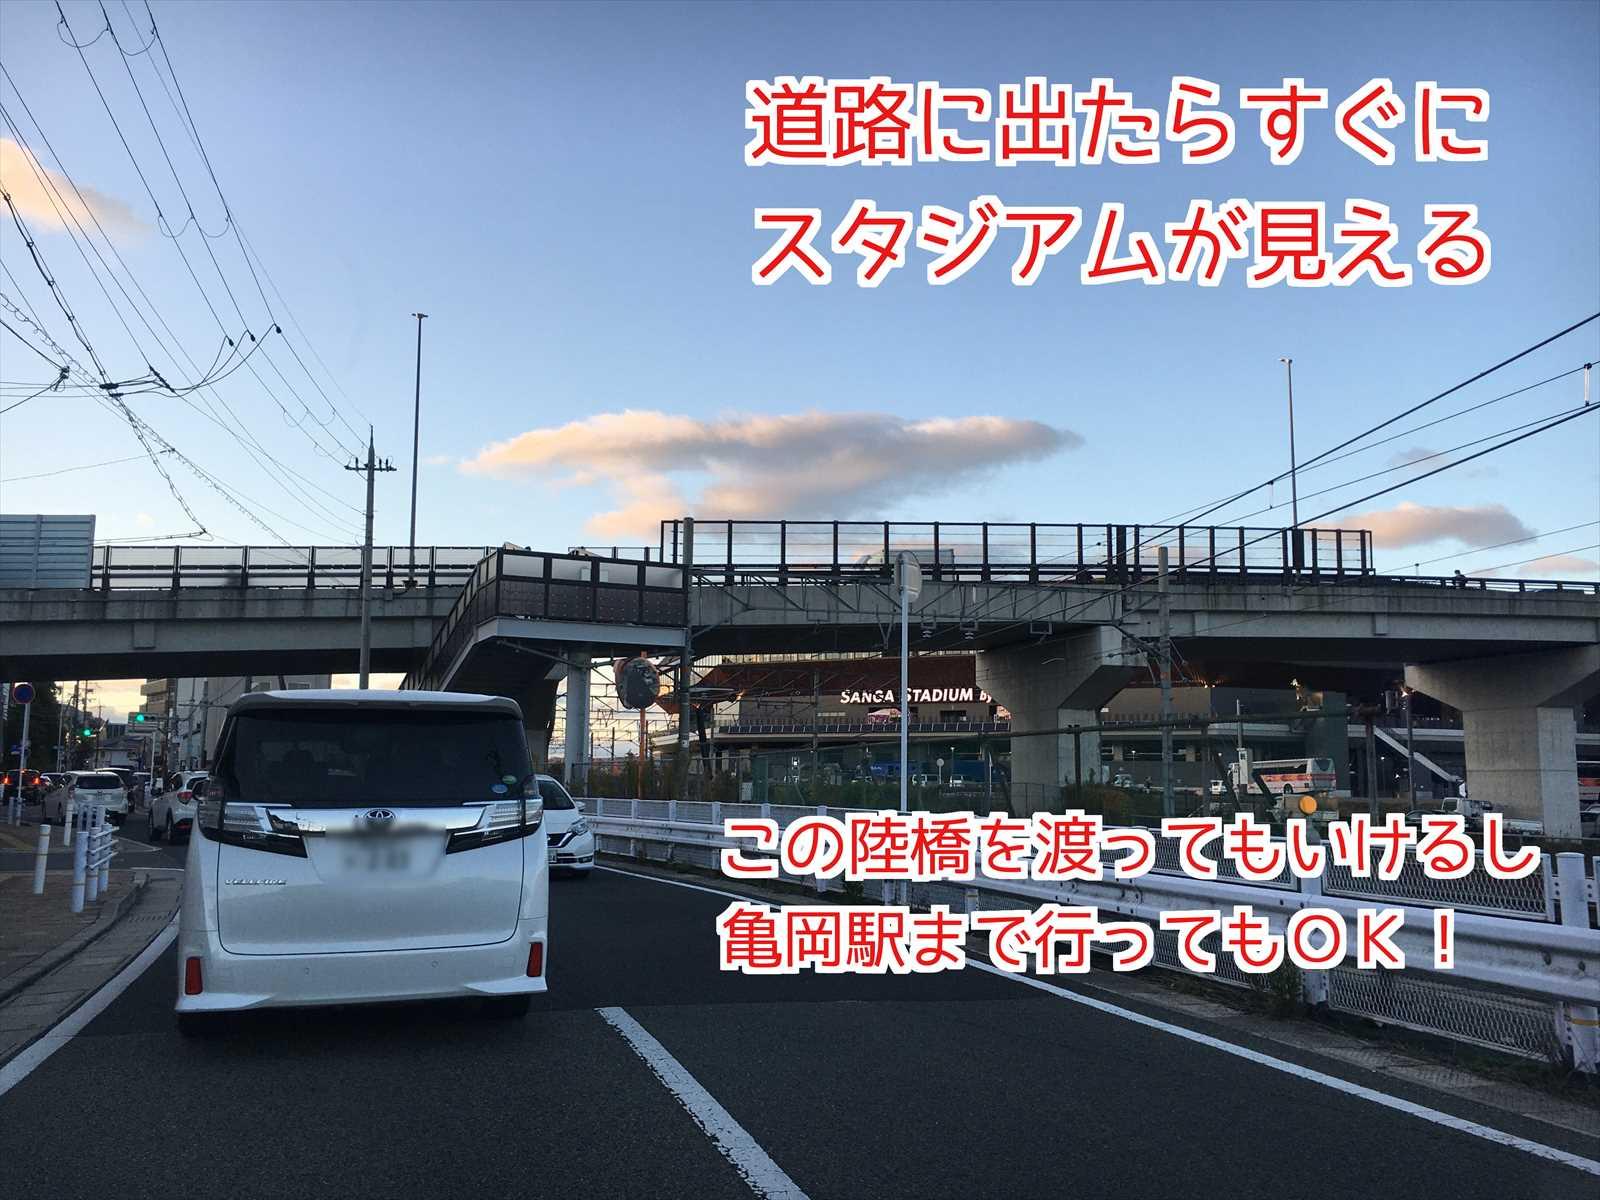 京都サンガスタジアム 駐車場 akippa